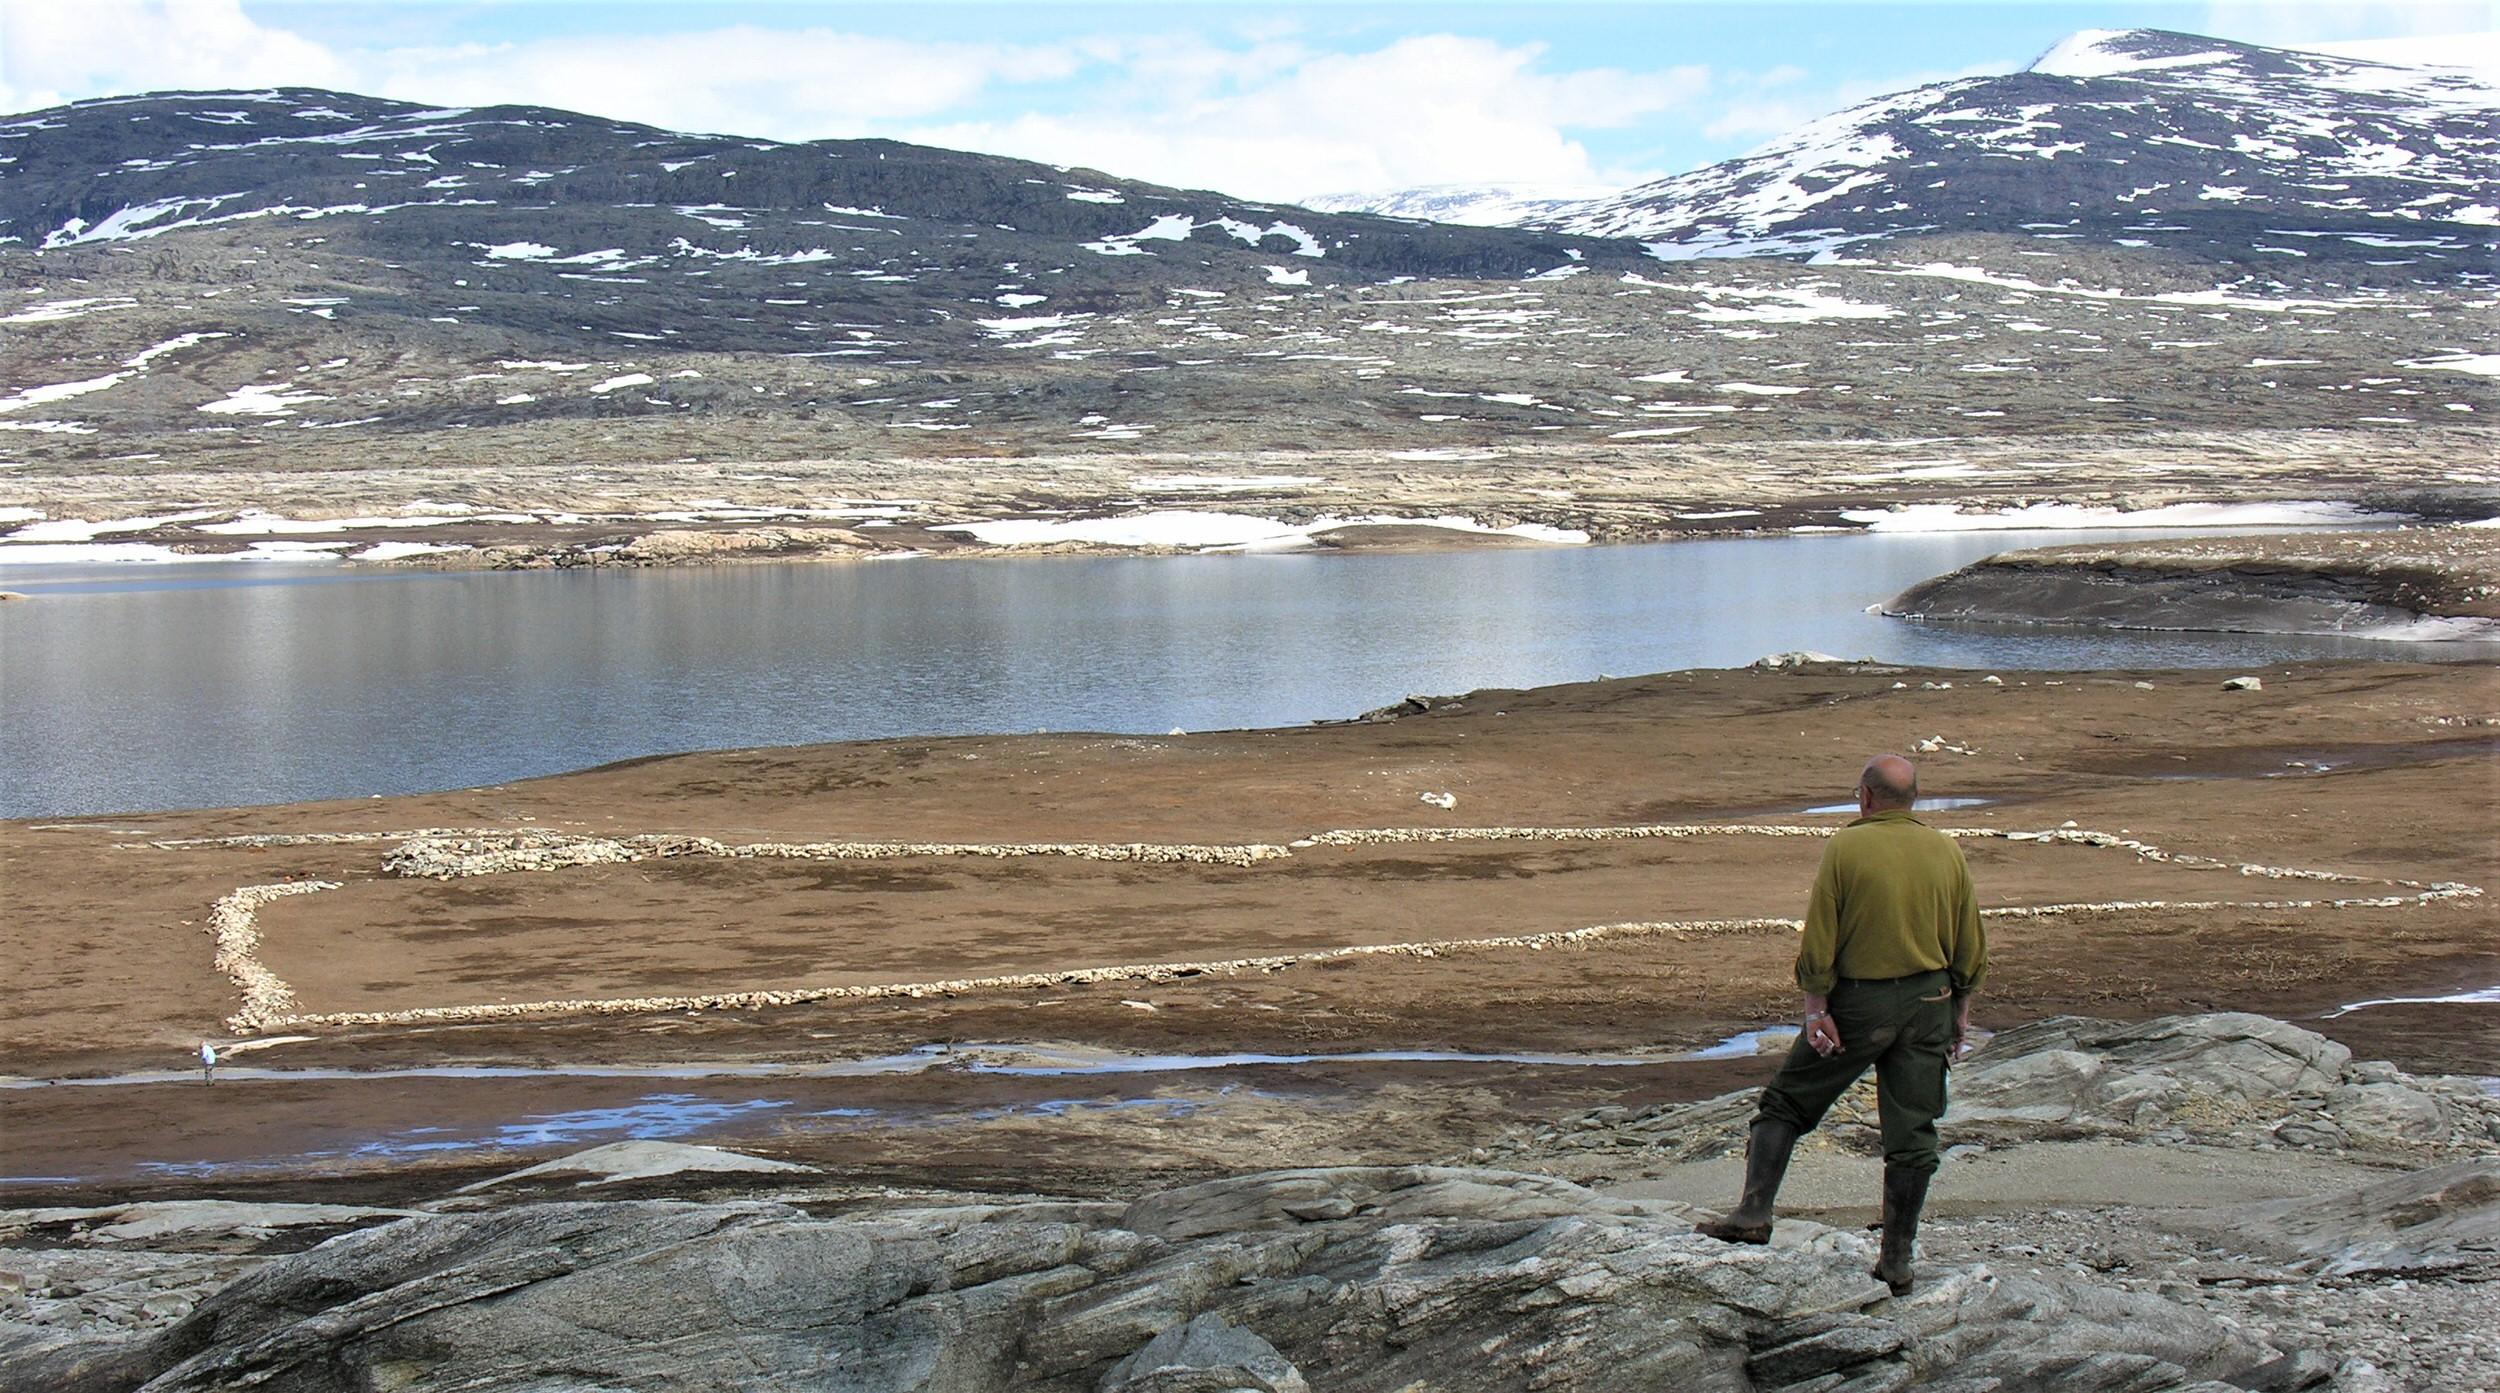 Jordbruk - I Eresfjord og Vistdal Statsallmenning er det ikkje lenger seterdrift. Tidligare var det ei sæter ved Stordalskulpen som vart driven av bønder frå Eikesdal. Sætra var lagt ned kring år 1900. Bua står framleis. Ved nordenden av Aursjøen dreiv bønder frå Lesja sætrane Buvollen og Alvsætra. I samband med Aurautbygginga vart desse neddemt i 1954. Enno kan ein sjå murane etter sæterbuene når Aursjøen er nedtappa. I dag er det kun sauer frå Eikesdal og Lesja som beitar i statsallmenninga.